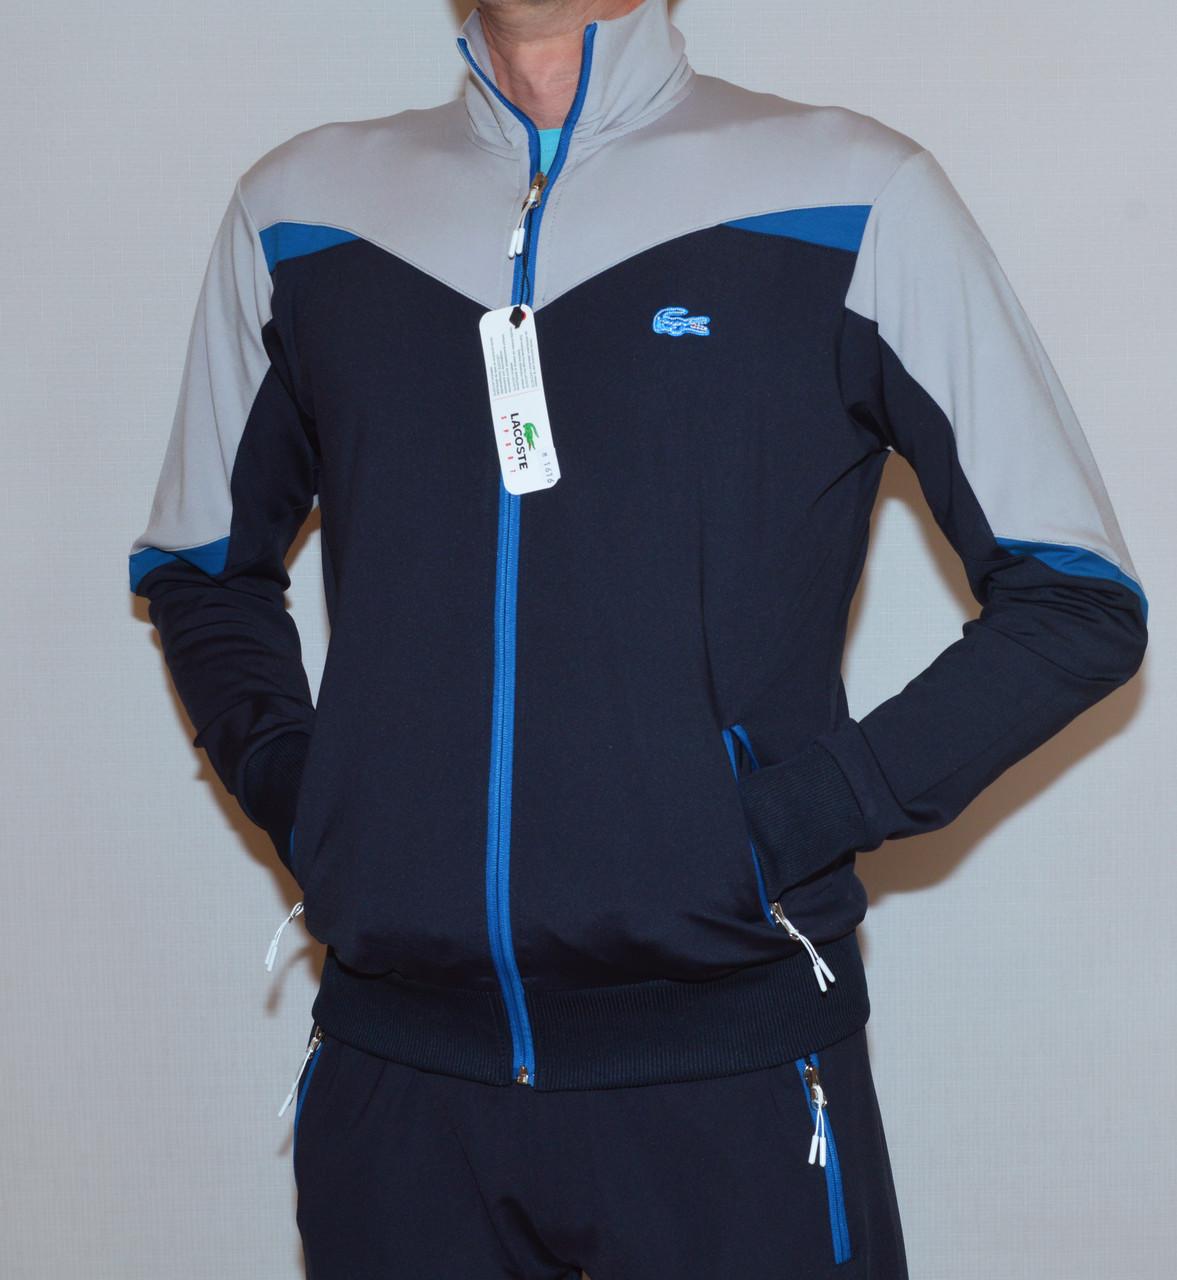 Спортивный костюм lacoste мужской (XL) (копия) - Casual Wear Shop в Умани 41c124b9201